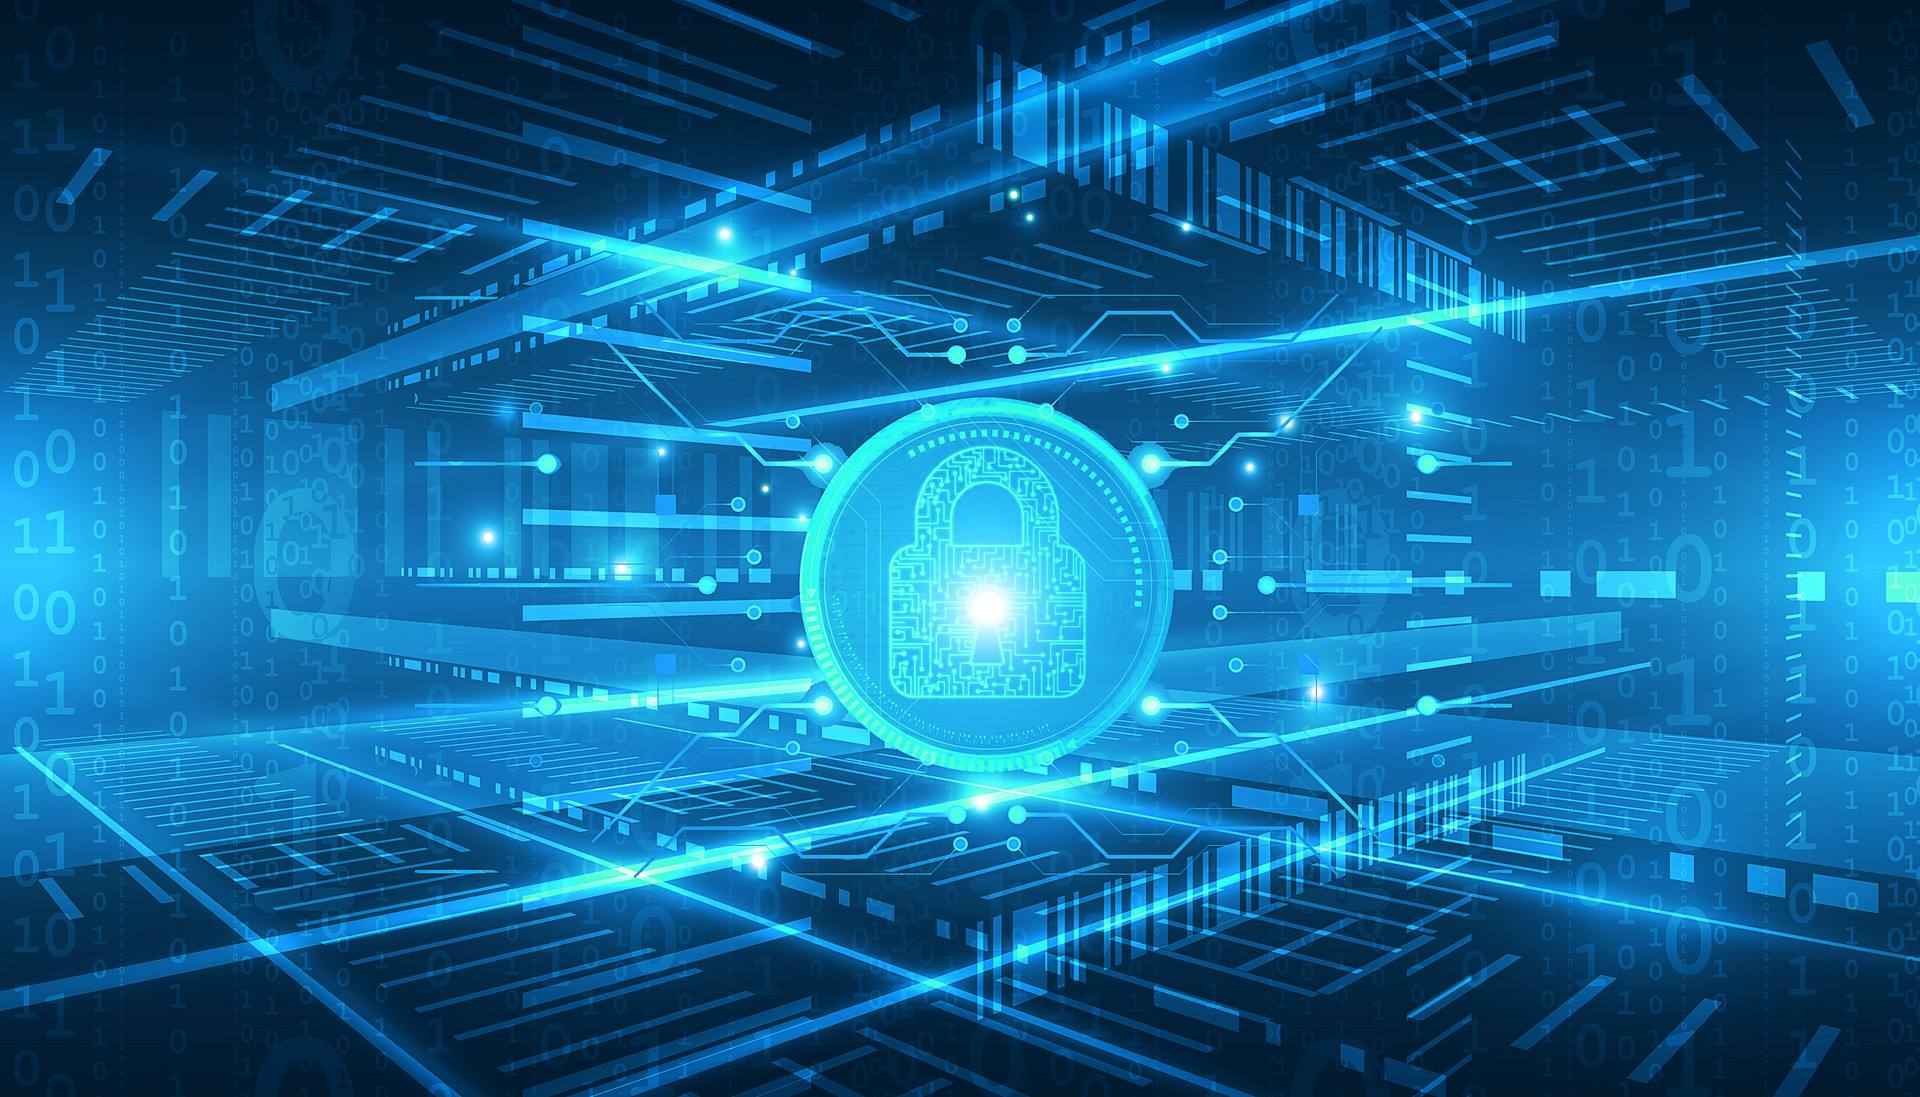 2020年物联网安全面临的挑战有哪些